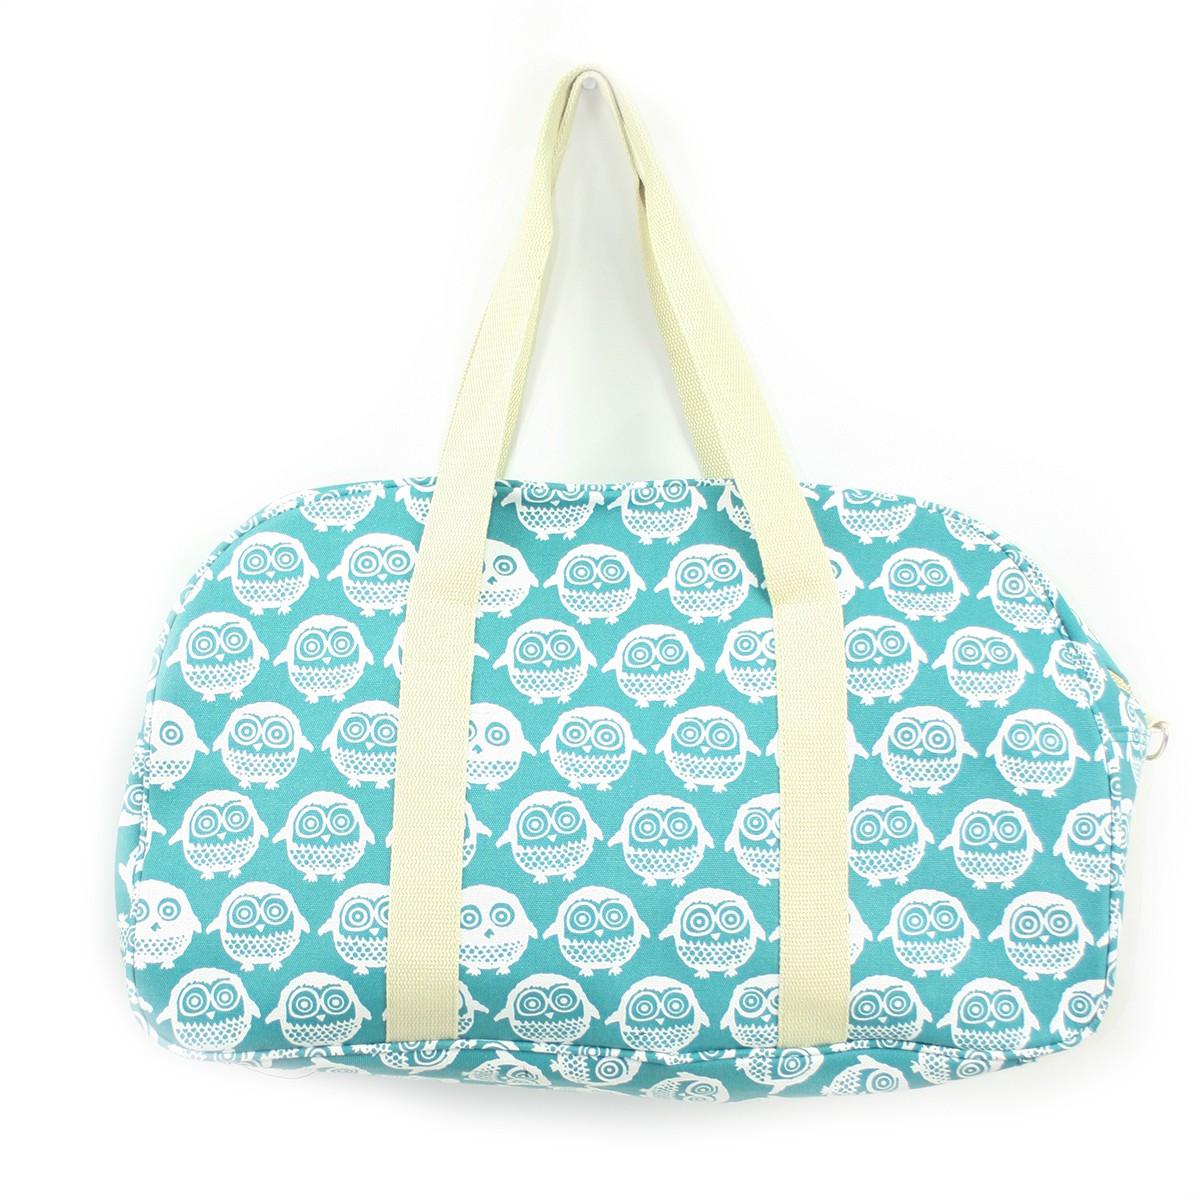 Τσάντα ταξιδιού με κουκουβάγιες μικρή